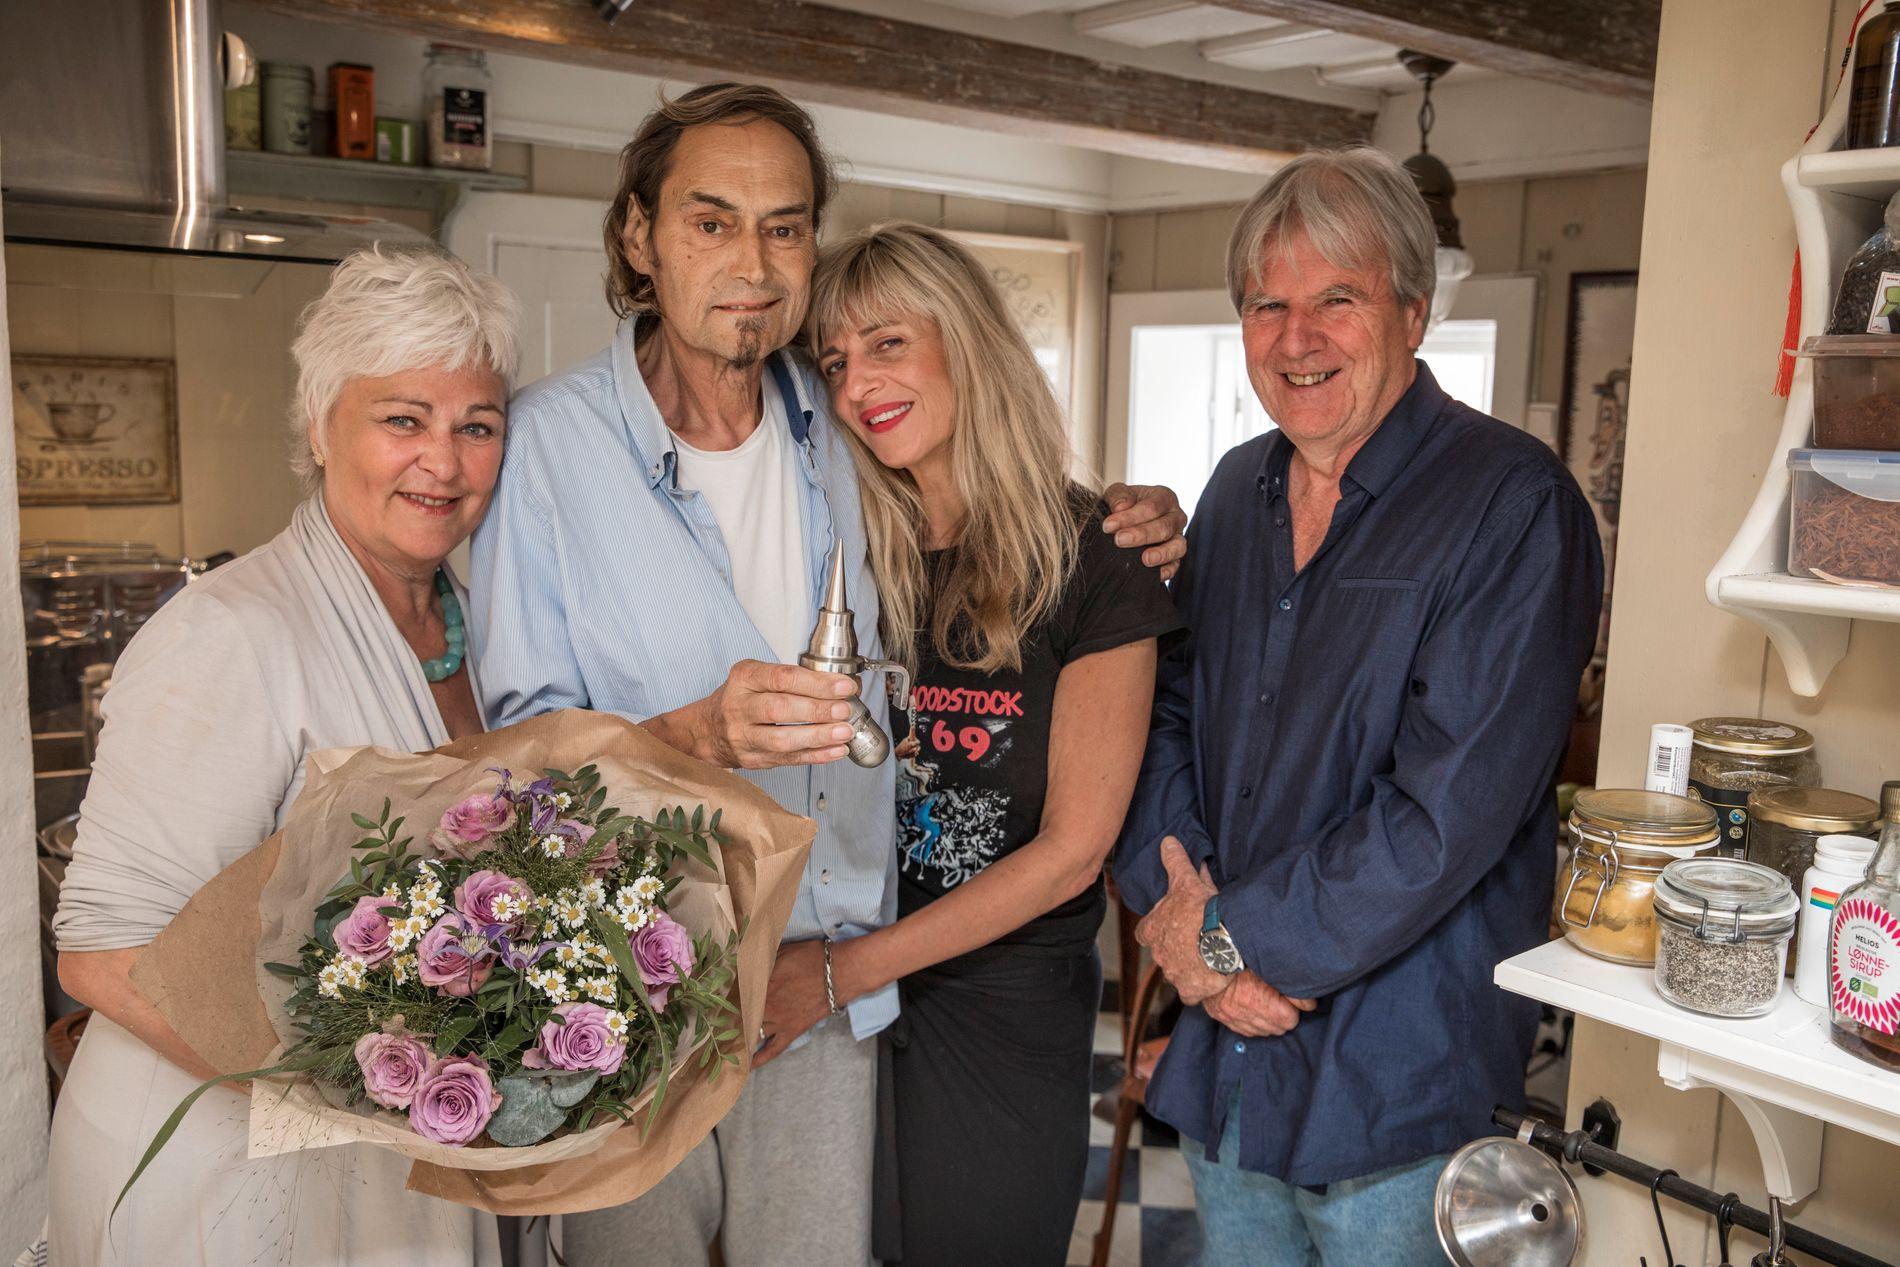 SATT PRIS PÅ: Årets Ellapris gikk til Paolo Vinaccia, her sammen med sin kone Trude Semb, og flankert av styreleder og daglig leder i Oslo Jazz Festival, Ellen Horn og Edvard Askeland.